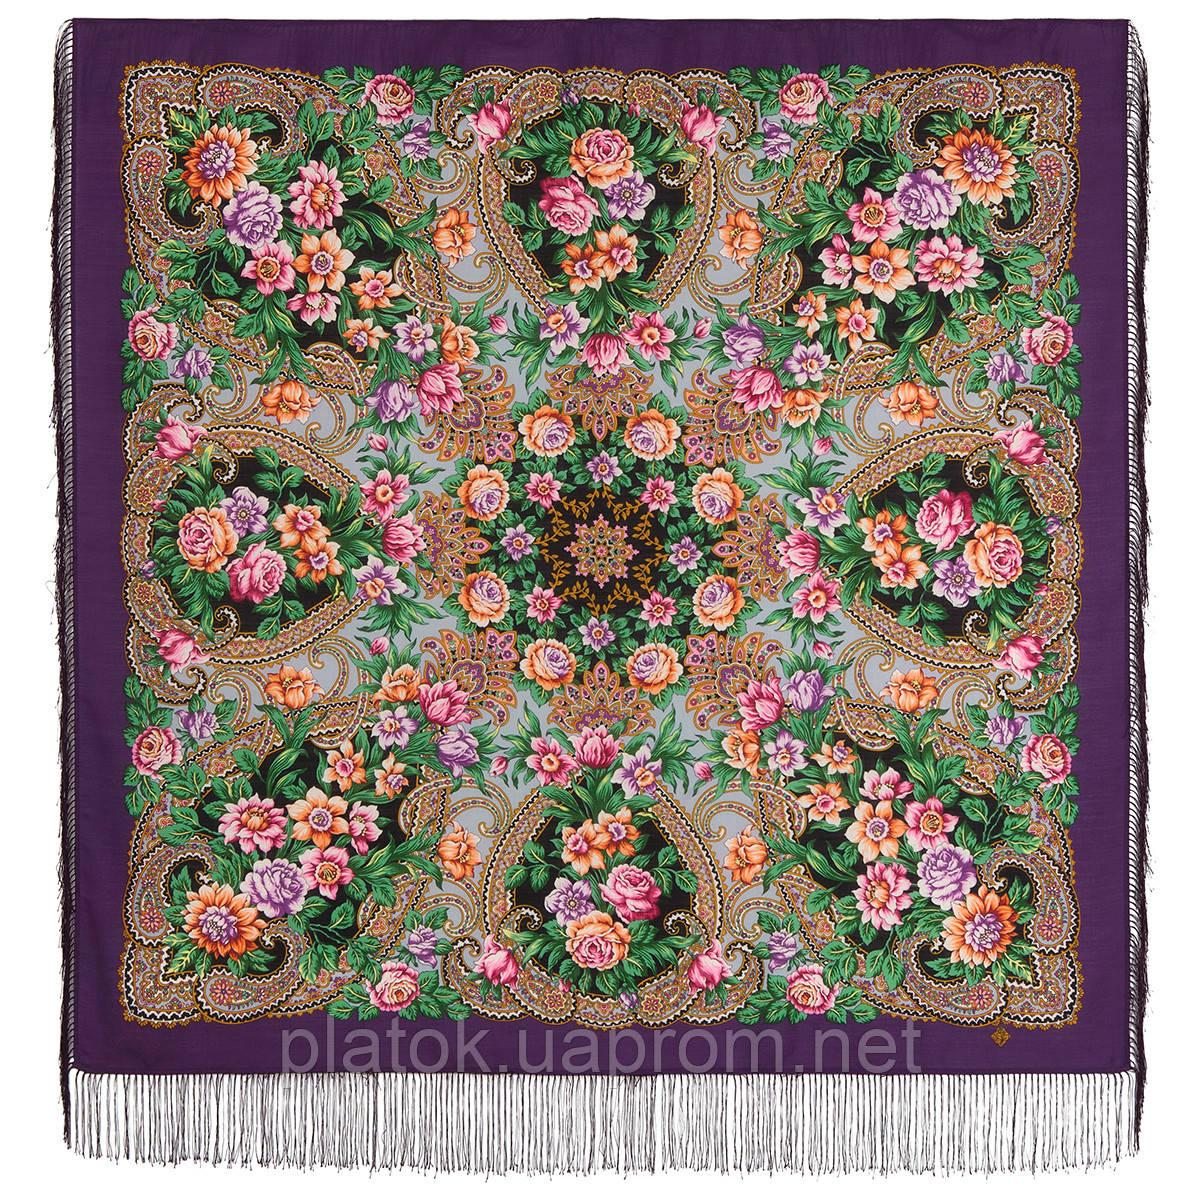 Родниковый край 1835-15, павлопосадский платок шерстяной с шелковой бахромой